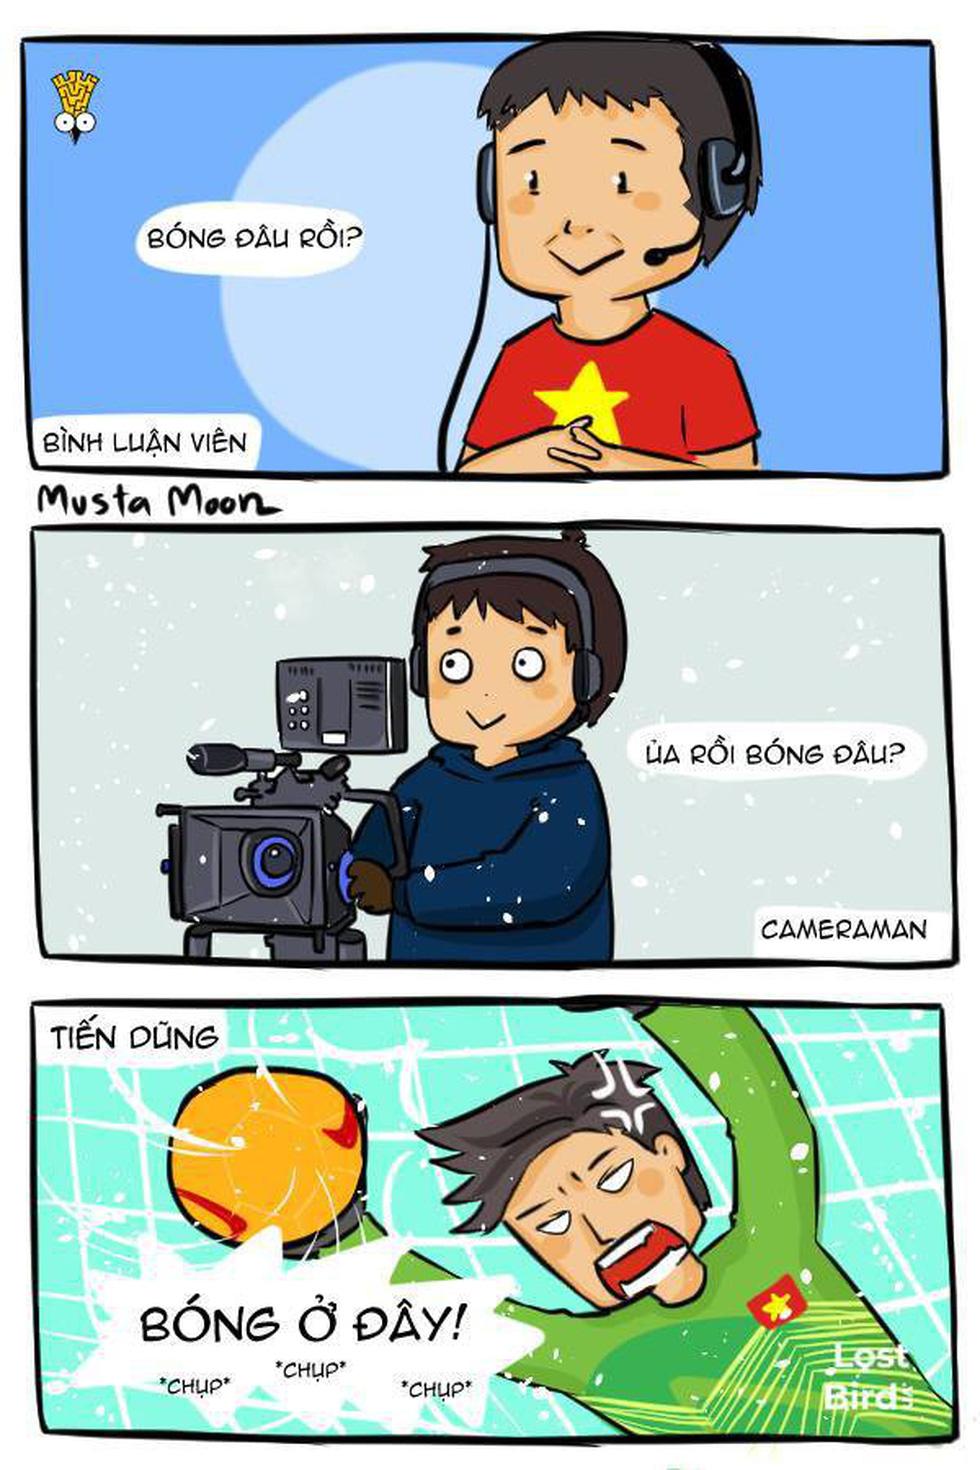 Loạt hình vẽ đáng yêu về hành trình đáng nhớ của U23 Việt Nam - Ảnh 5.